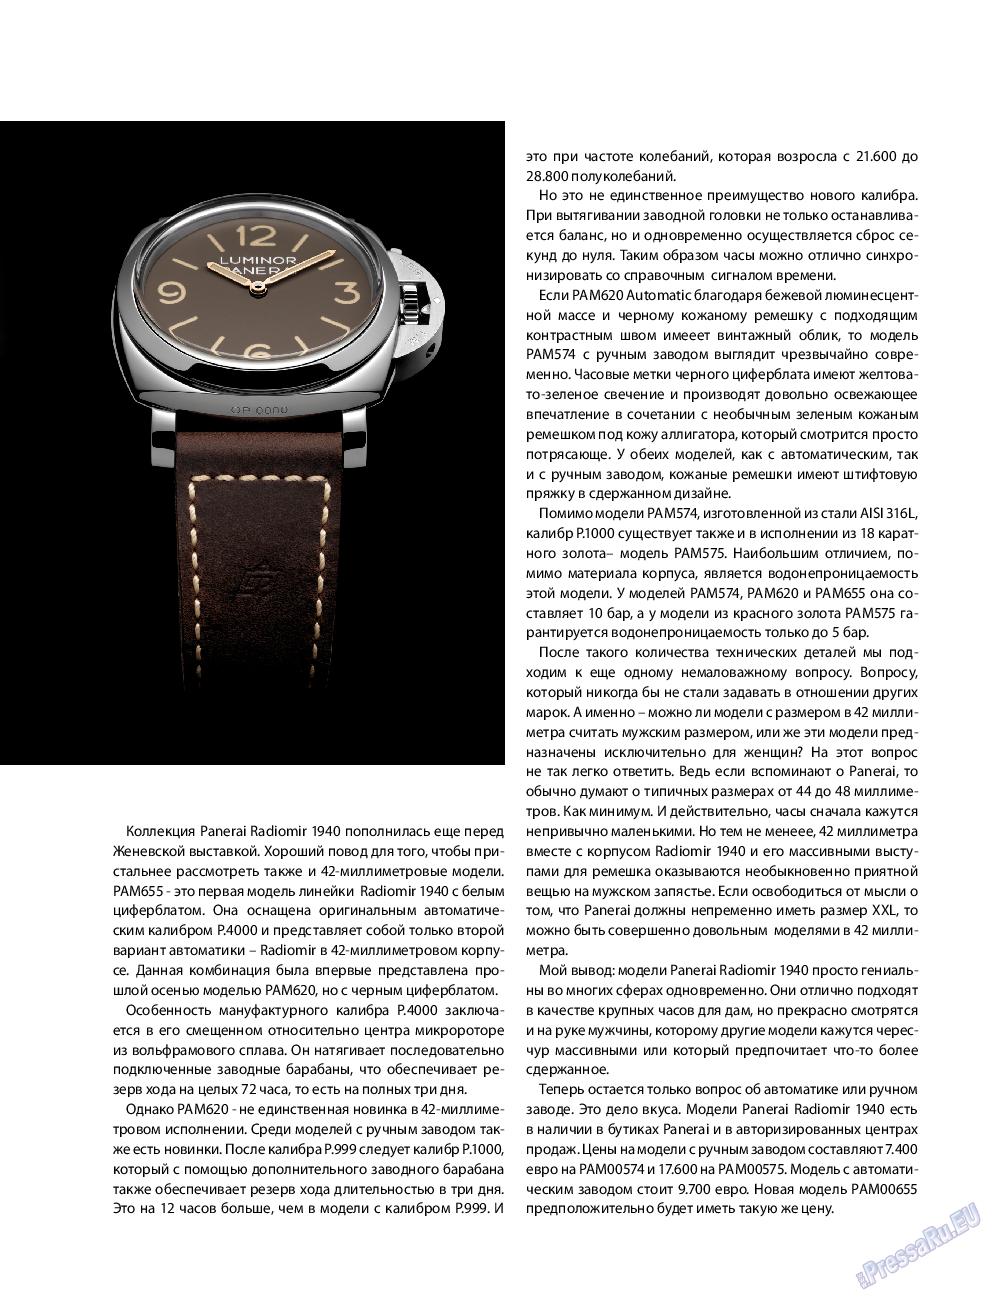 Клан (журнал). 2016 год, номер 10, стр. 137